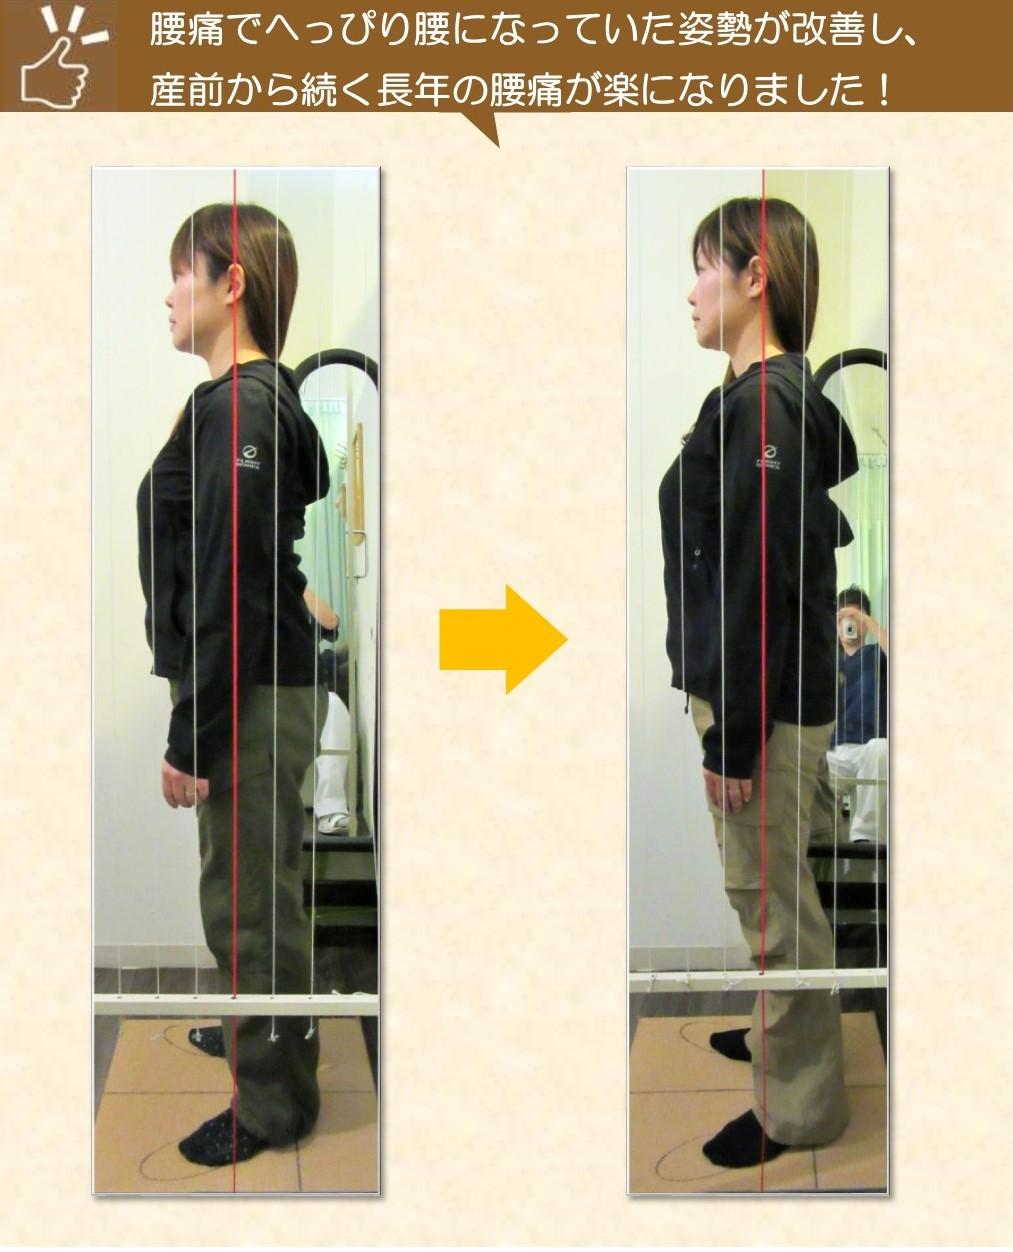 産後の腰痛、反り腰が改善